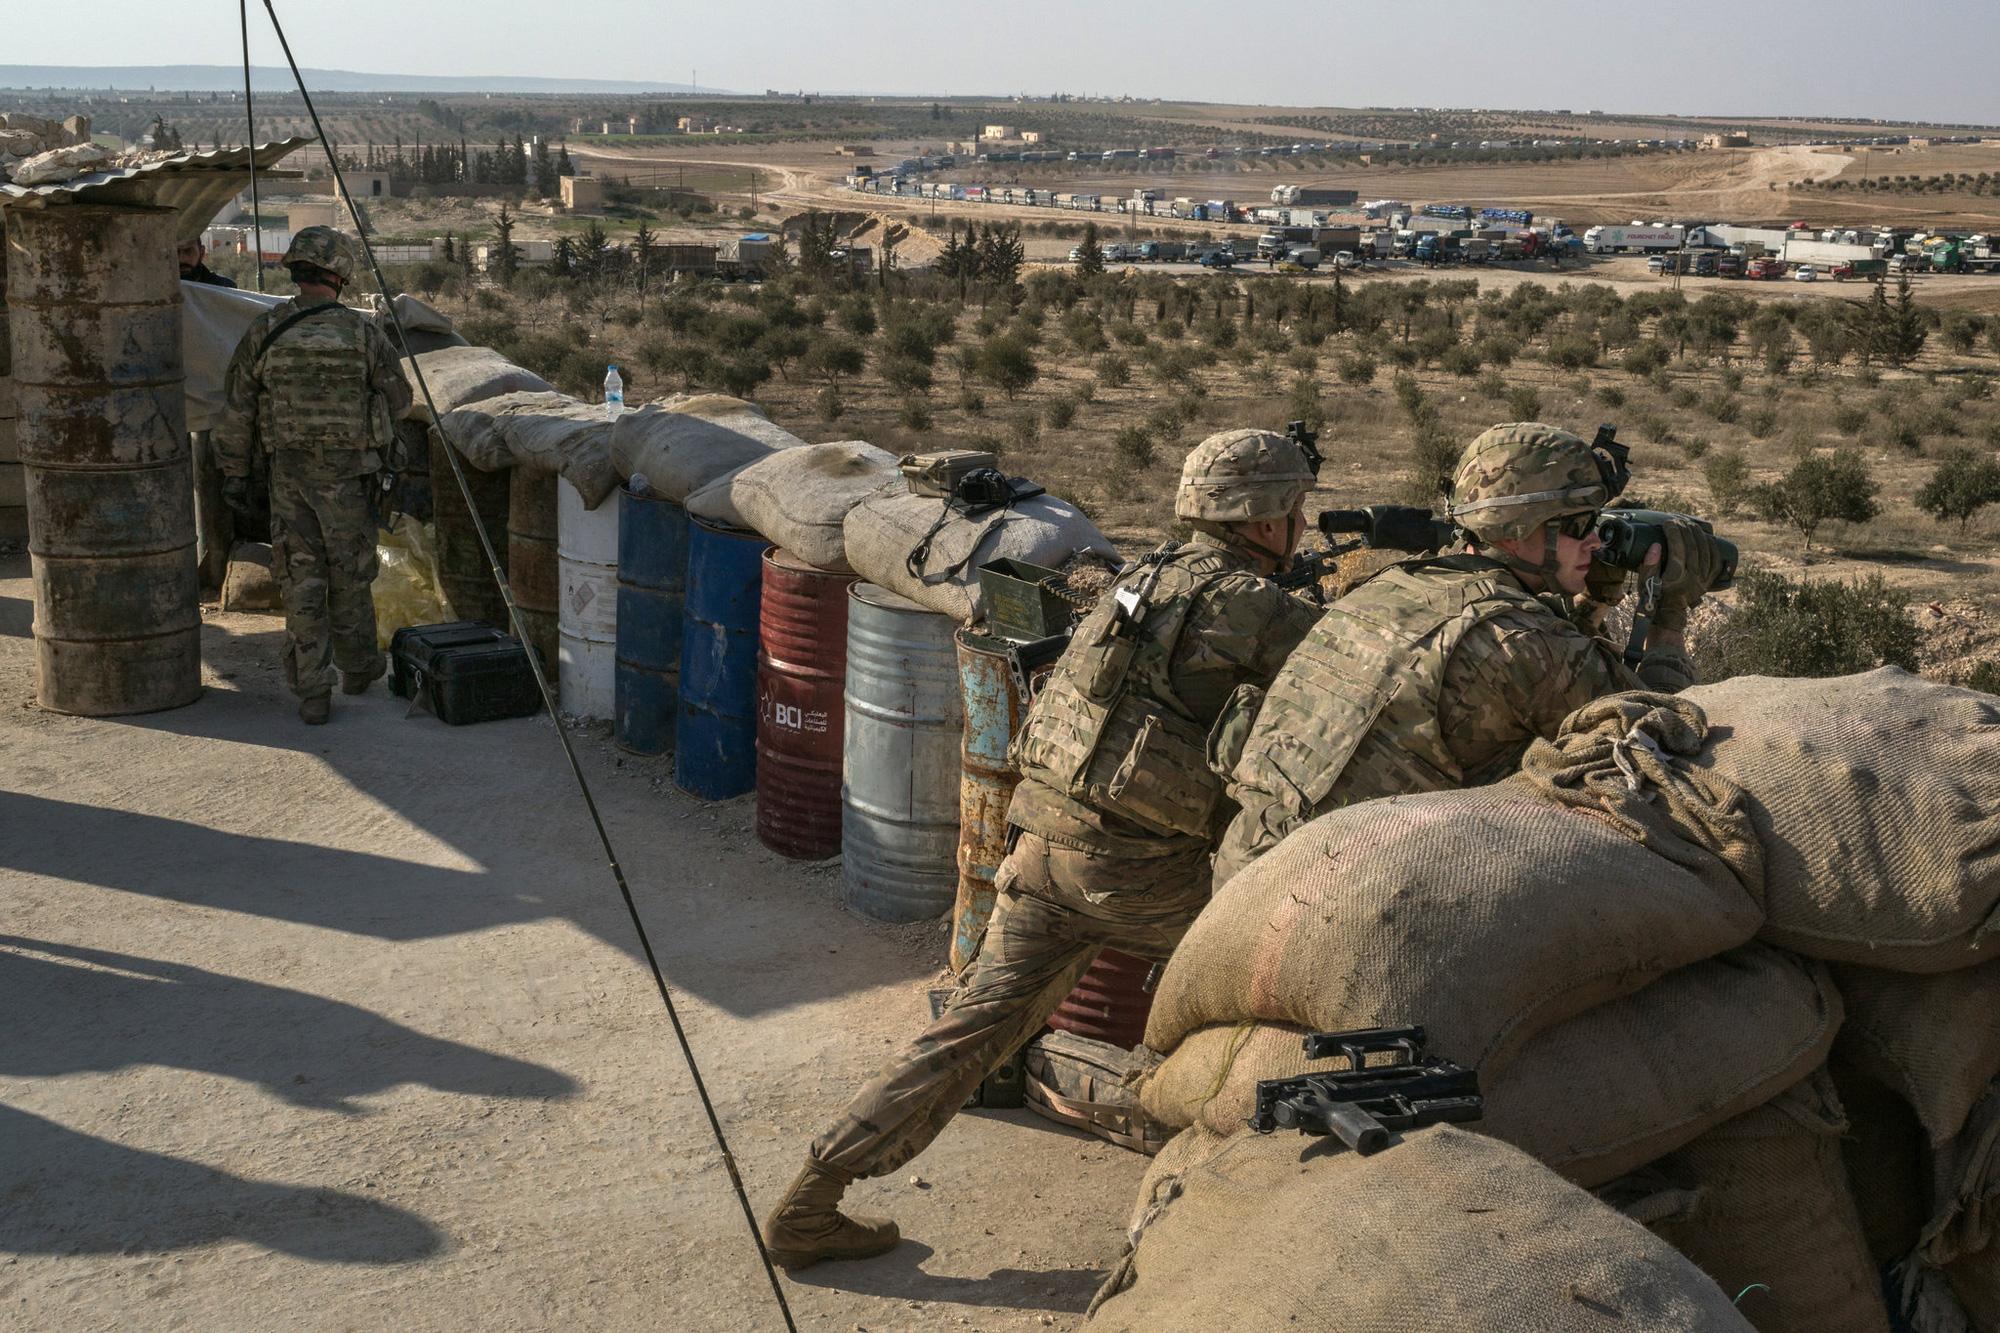 Mỹ lén đưa 10 tay súng IS khỏi căn cứ bất hợp pháp ở Syria - Ảnh 1.